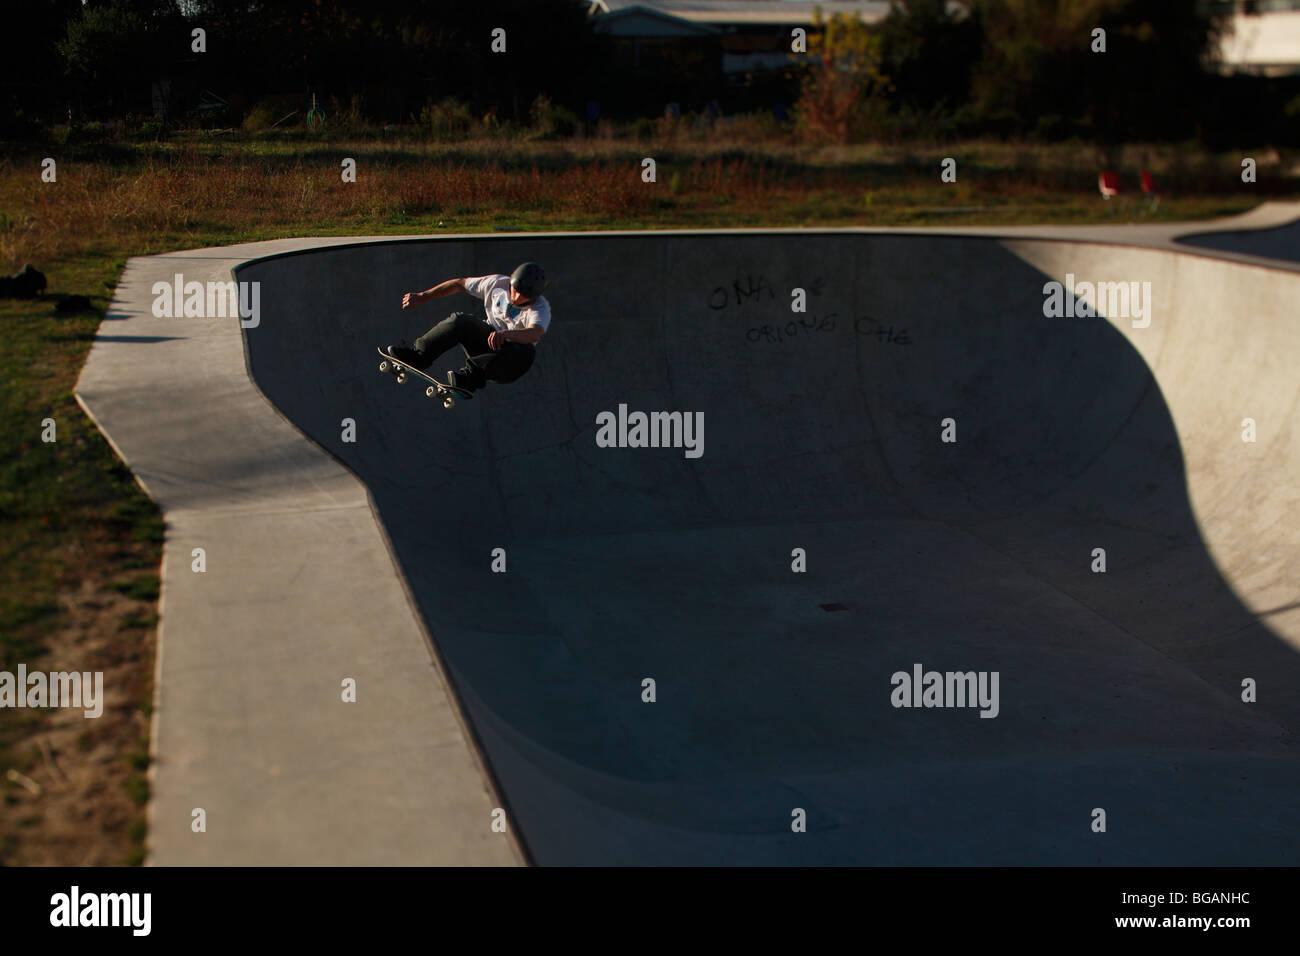 Skateboarder Peter Dossett does a frontside smith grind at Dreamlands skatepark - Stock Image